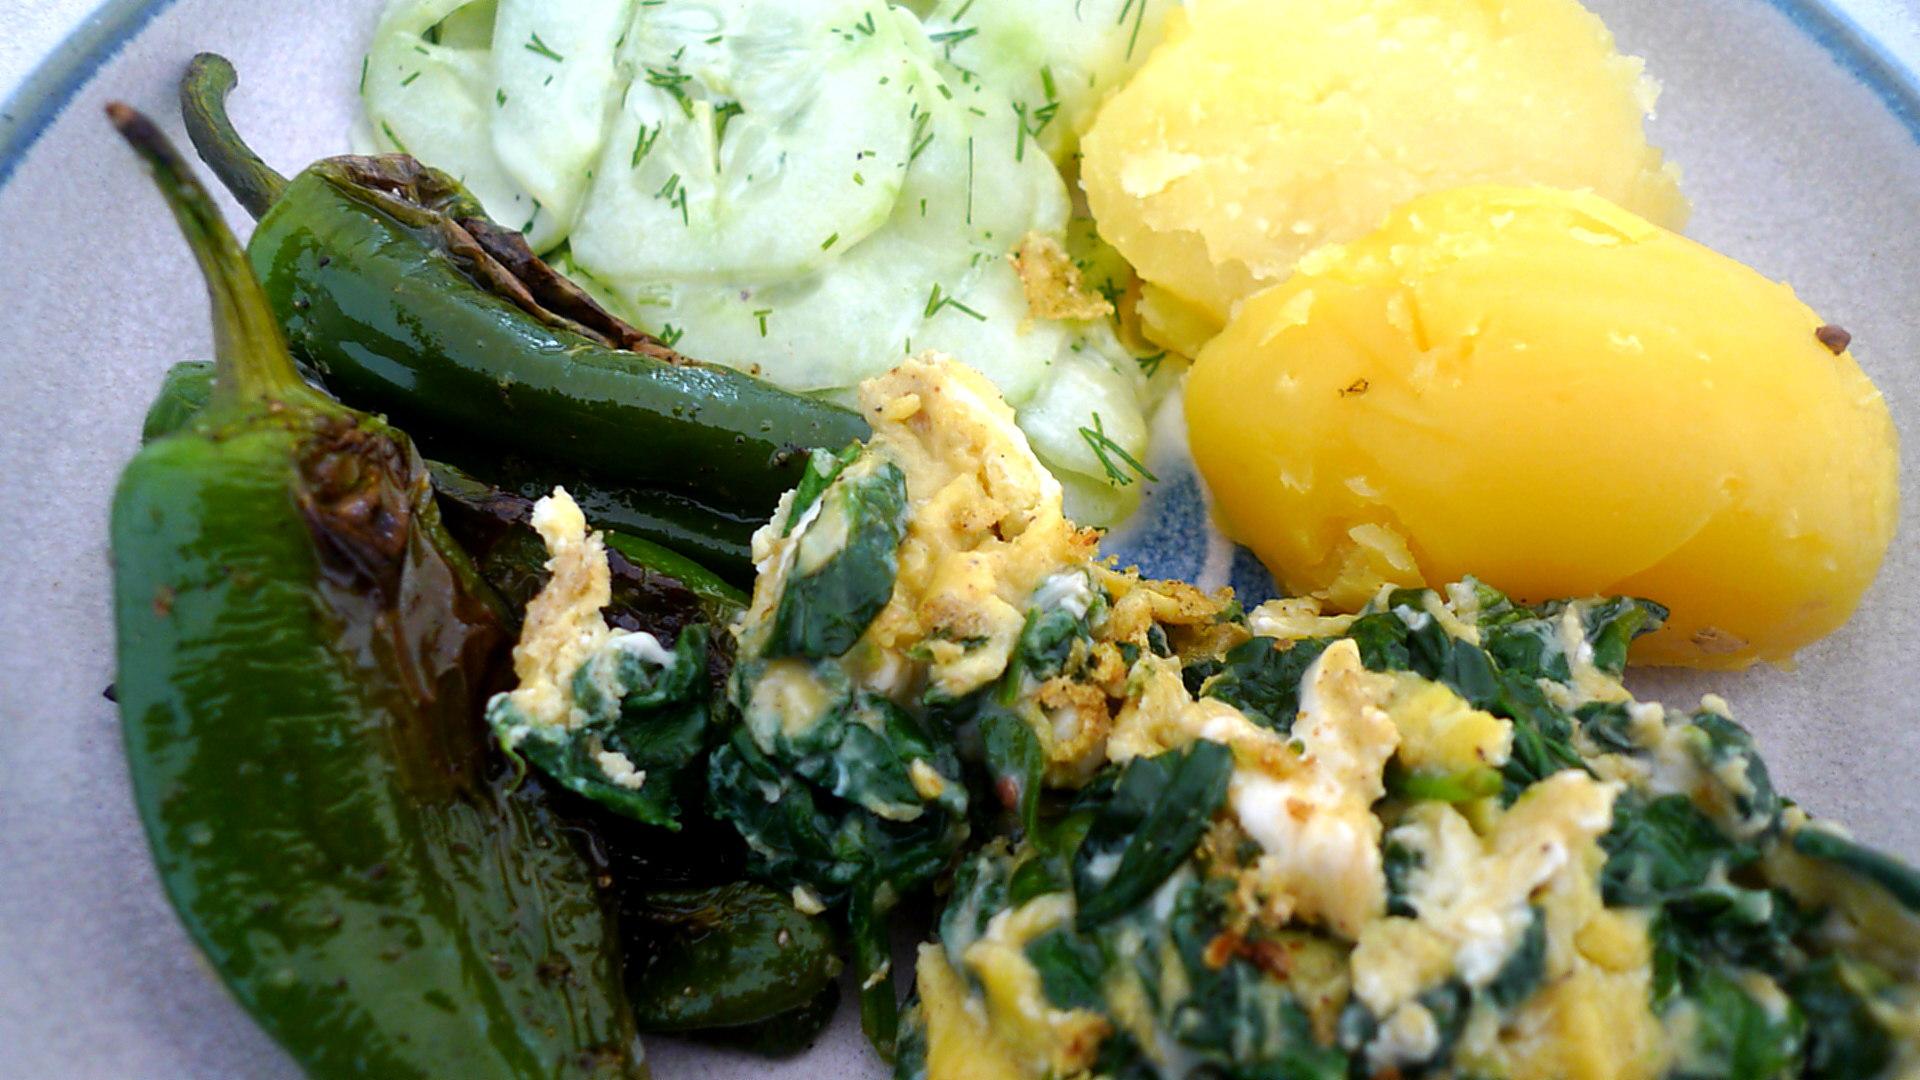 spinat-ruhreipimientospellkartoffelngurkensalat-14